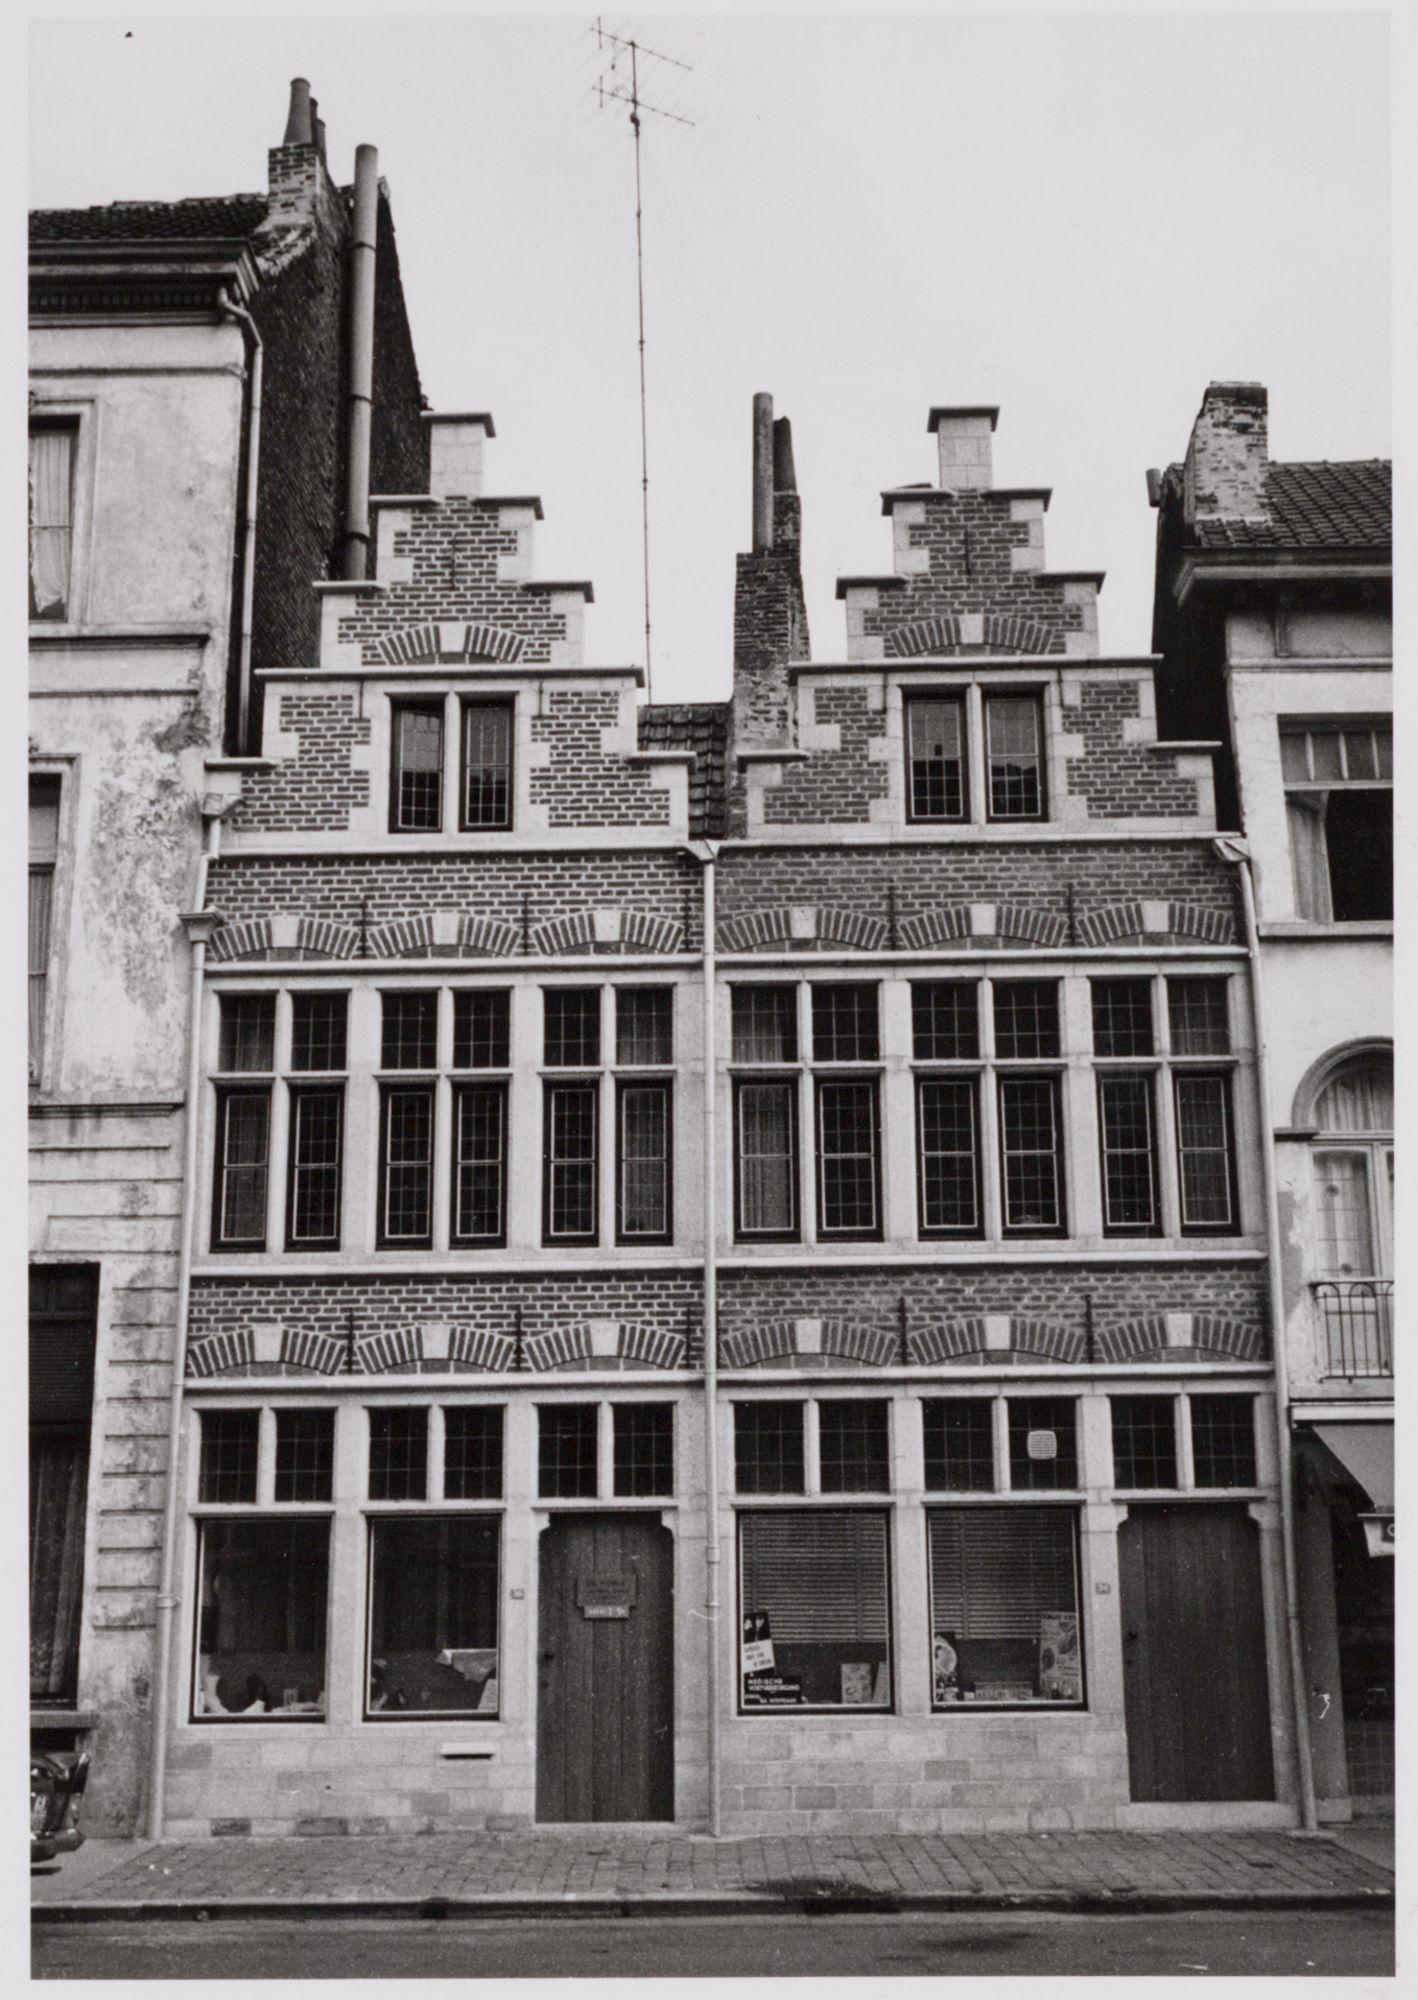 Gent: Trapgevelhuizen, Ottogracht